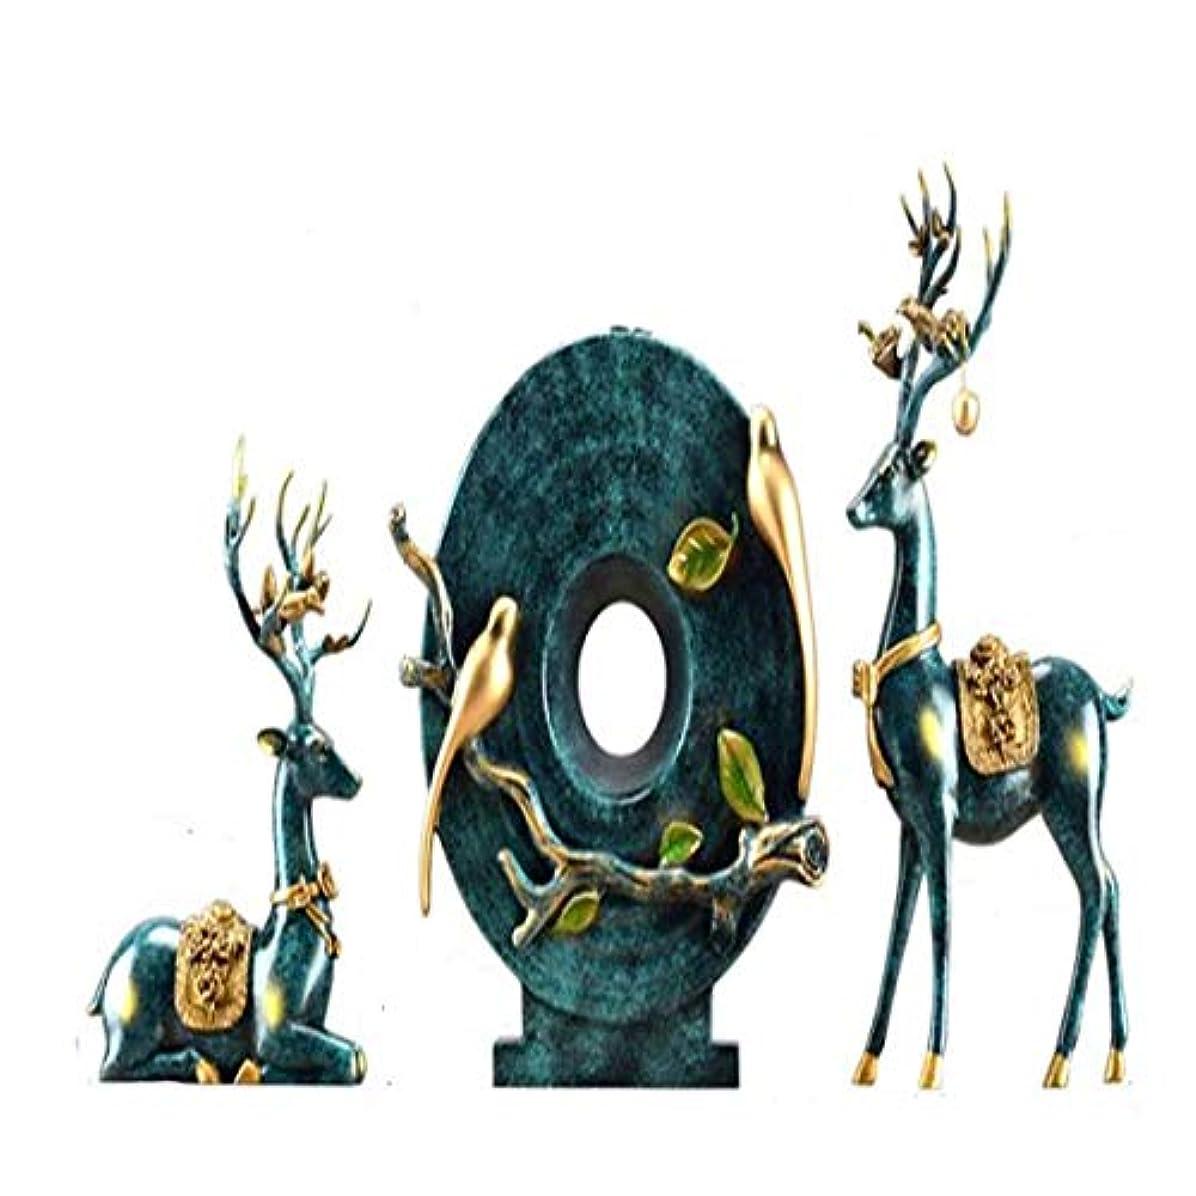 ロック切り下げビジターFengshangshanghang クリエイティブアメリカン鹿の装飾品花瓶リビングルーム新しい家の結婚式のギフトワインキャビネットテレビキャビネットホームソフト装飾家具,家の装飾 (Color : A)